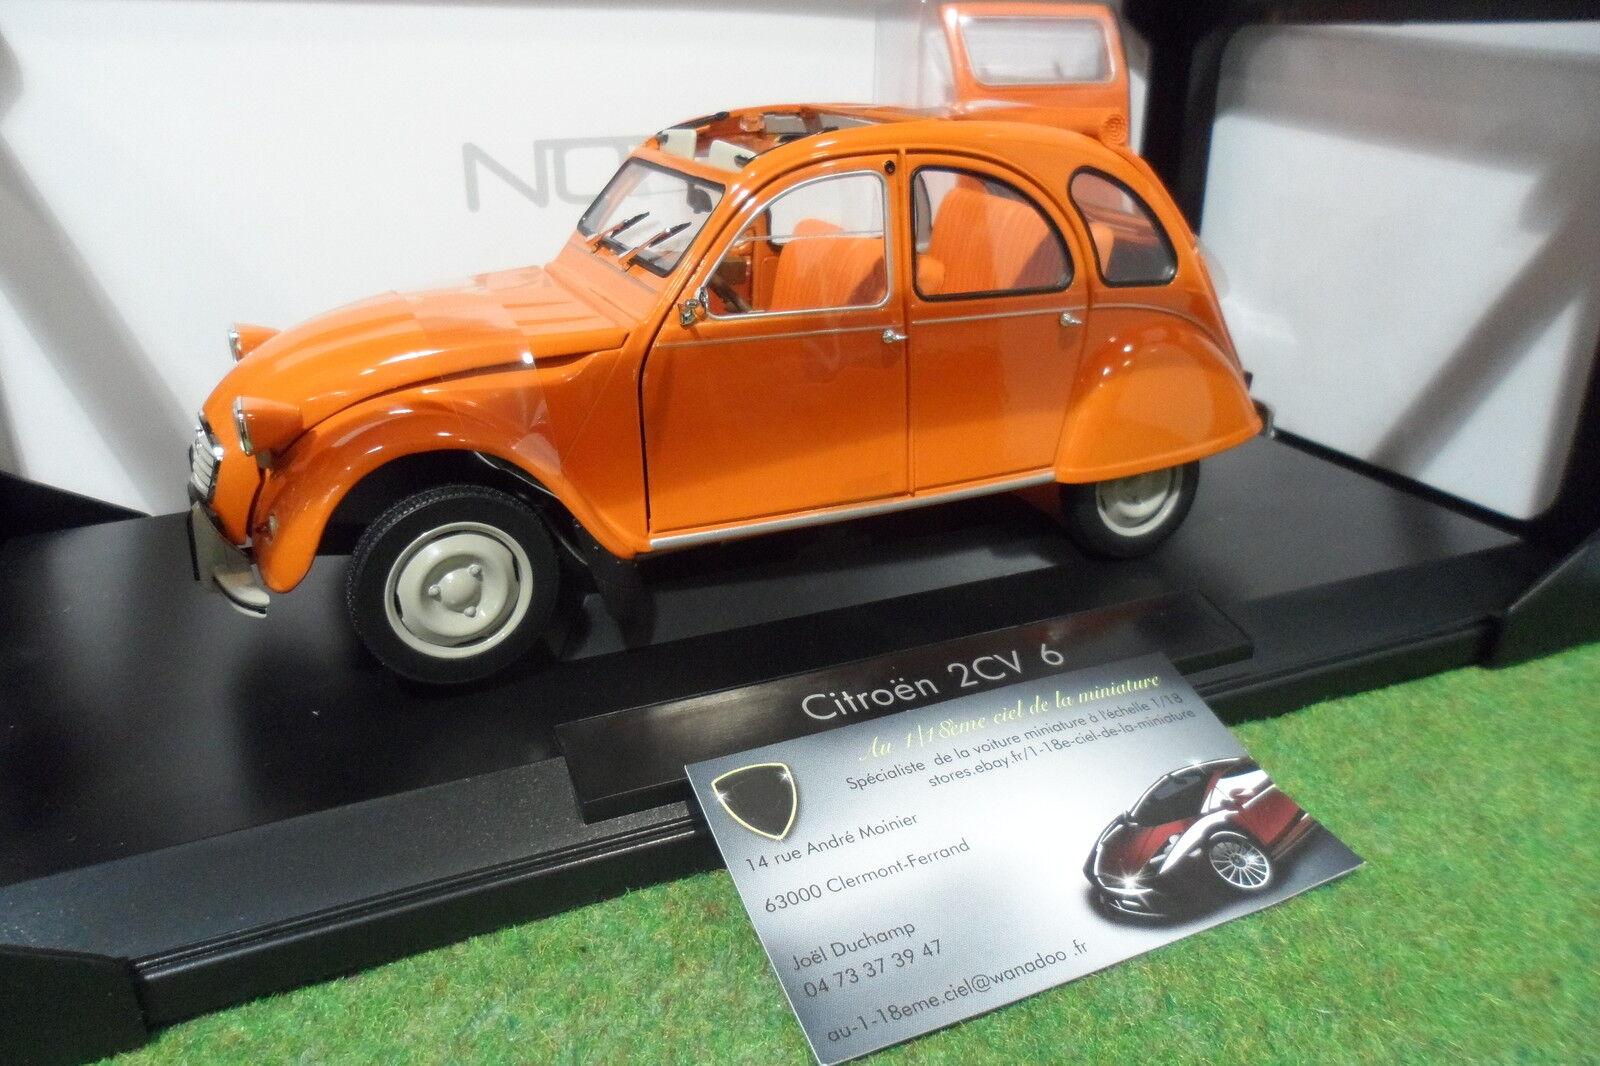 CITROËN 2CV 6 Ténéré Orange 1976  1 18 NOREV 181514 voiture miniature collection